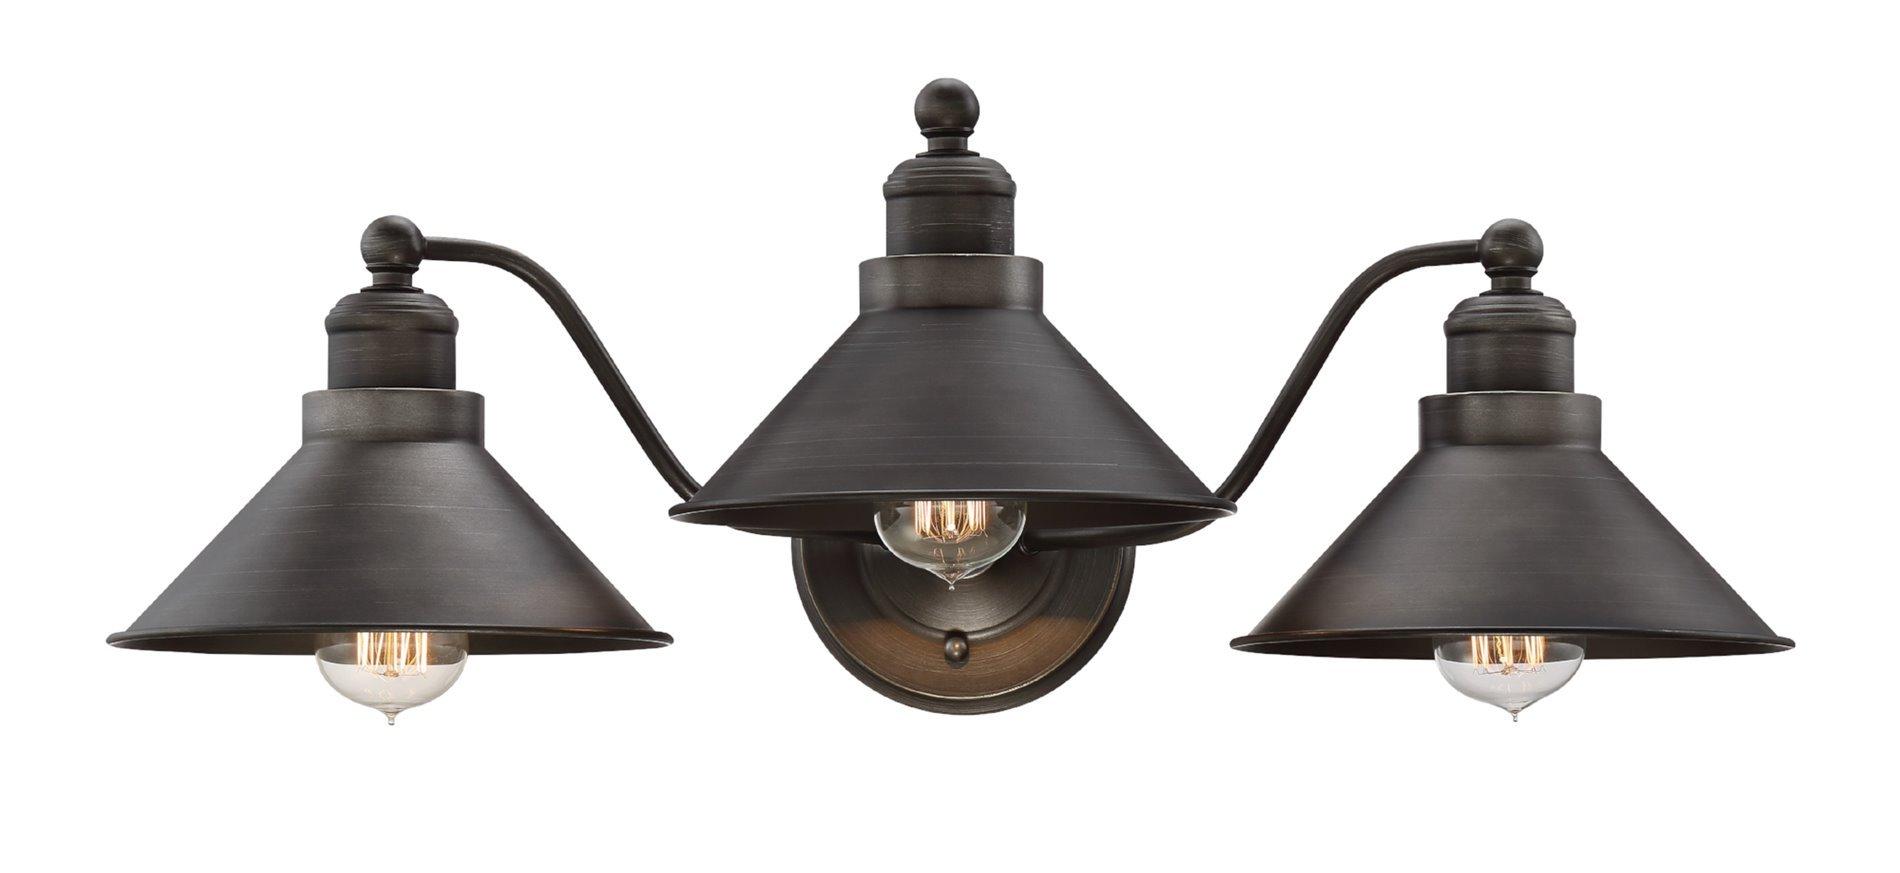 Revel Welton 25.5'' Modern Industrial 3-Light Vanity / Bathroom Light, Brushed Dark Bronze Finish by Revel